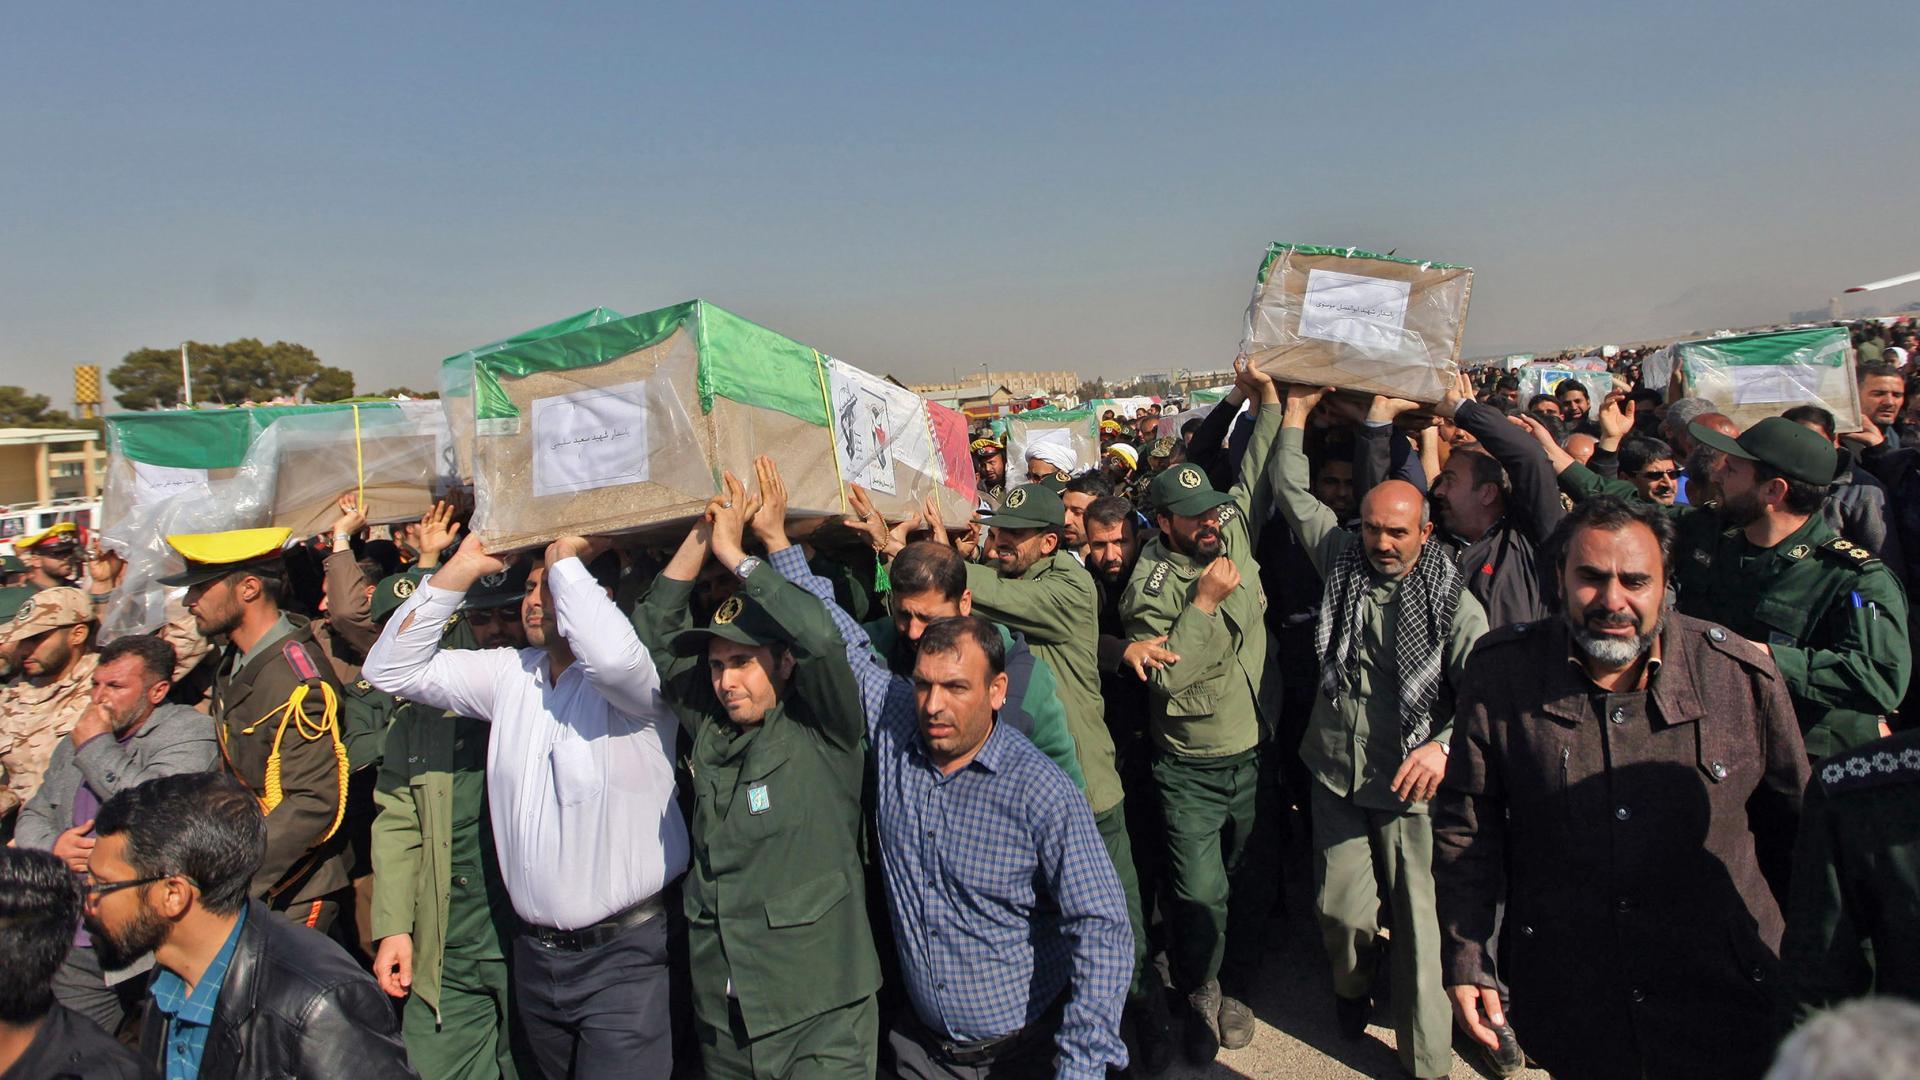 """توعدت بالانتقام.. إيران تتهم بعض دول المنطقة """"الغنية بالنفط"""" بالوقوف وراء تفجير استهدف الحرس الثوري"""